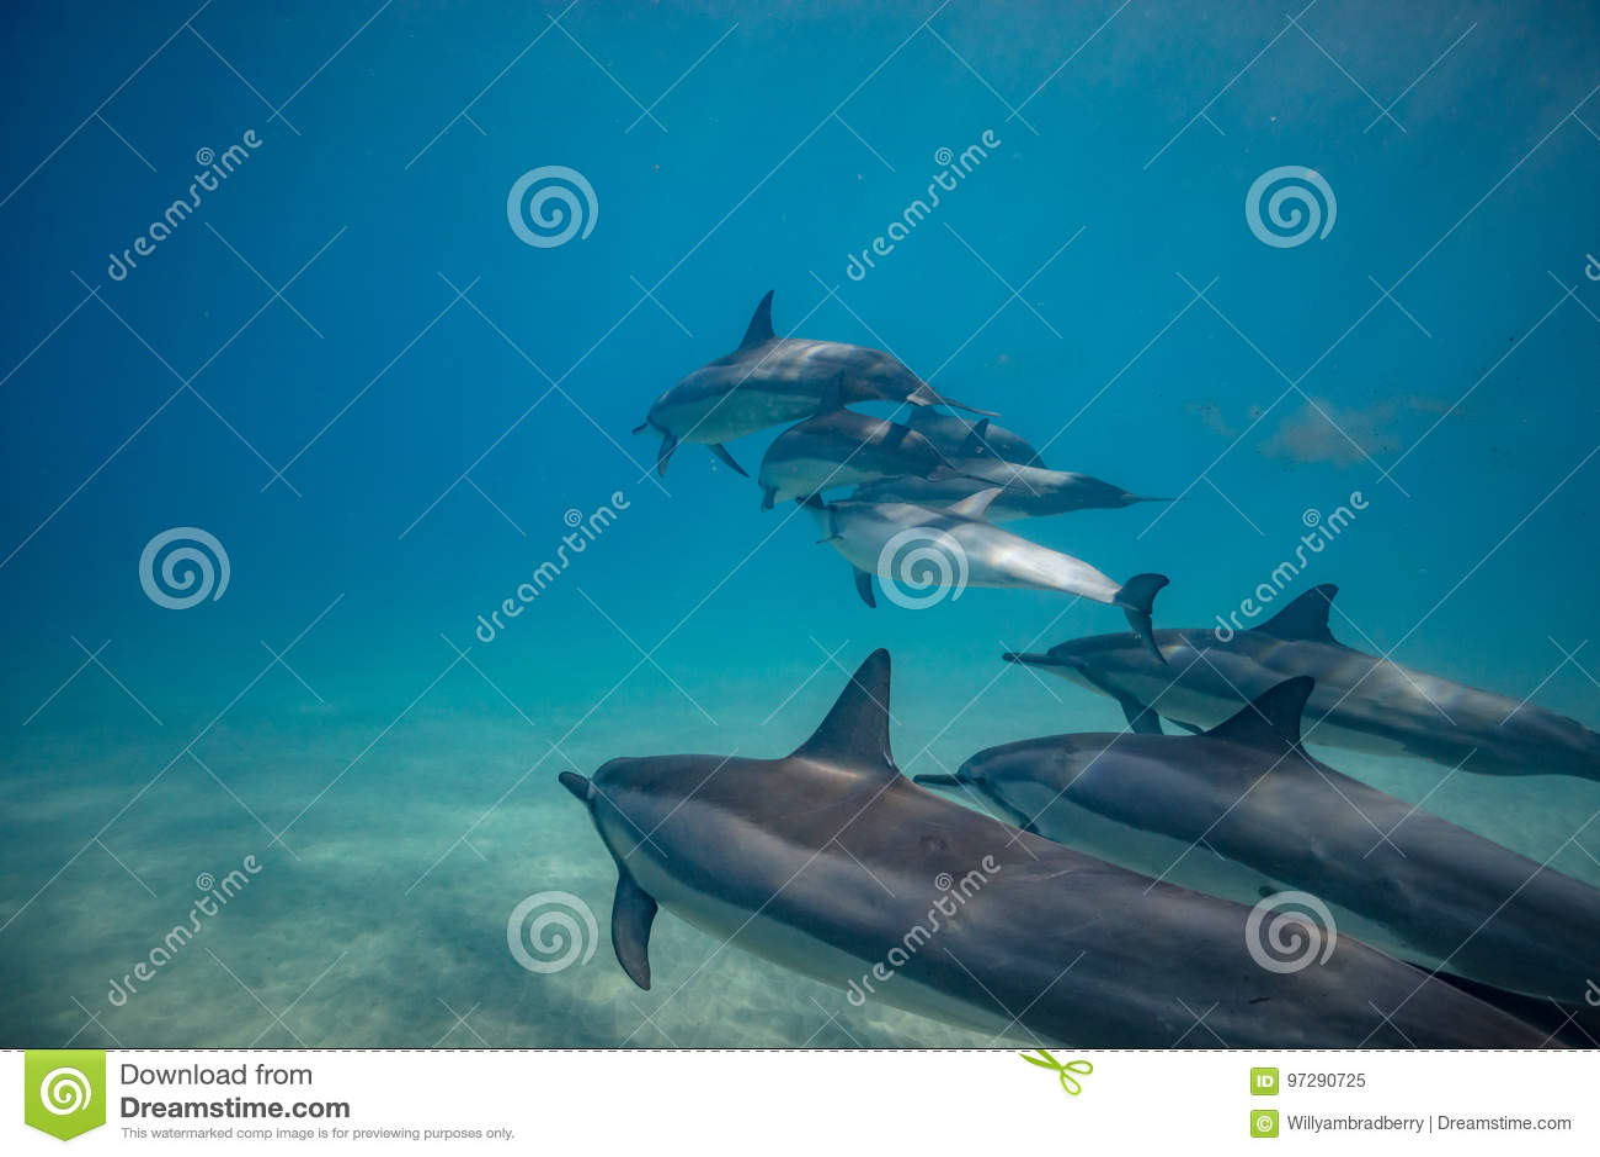 Dauphins sauvages sous-marins dans l océan bleu profond